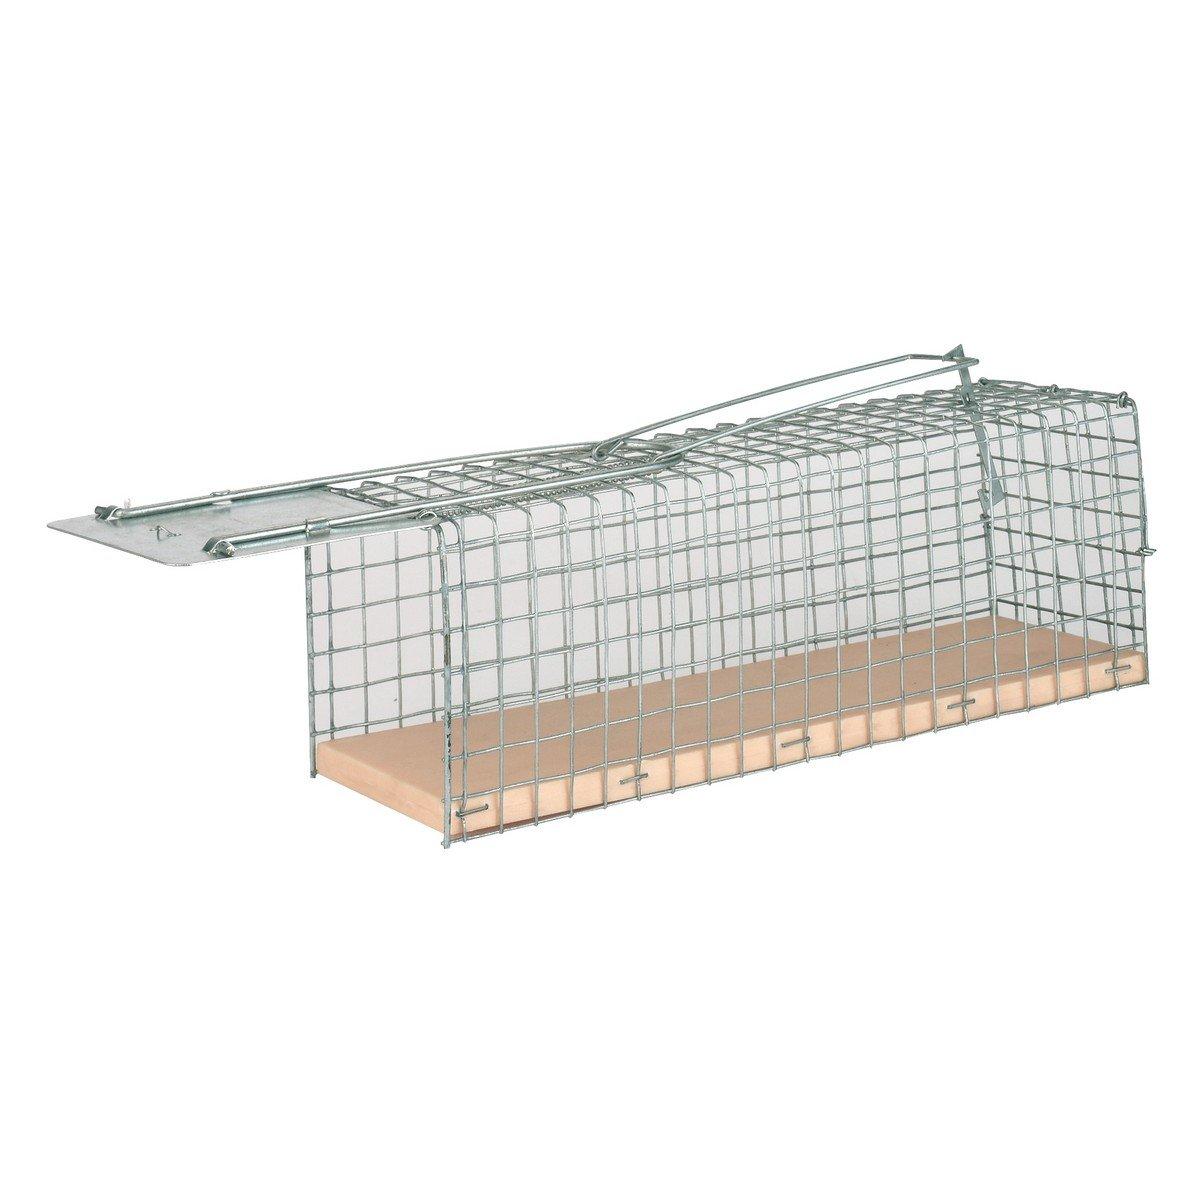 Imagem de Agradi Wire Cage Rat Trap Alive